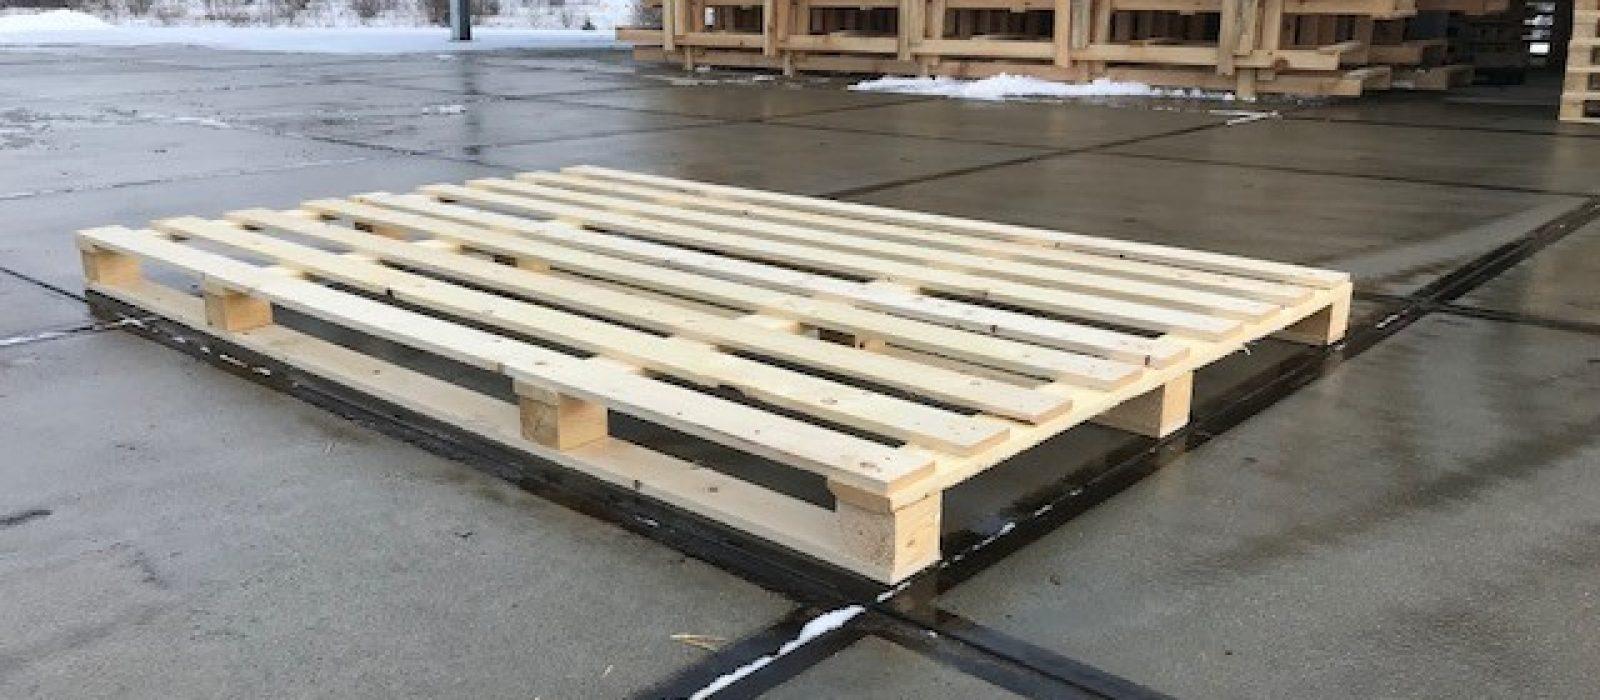 Holzpalette 2000x1500mm – LOGPOL – Wipperfürth